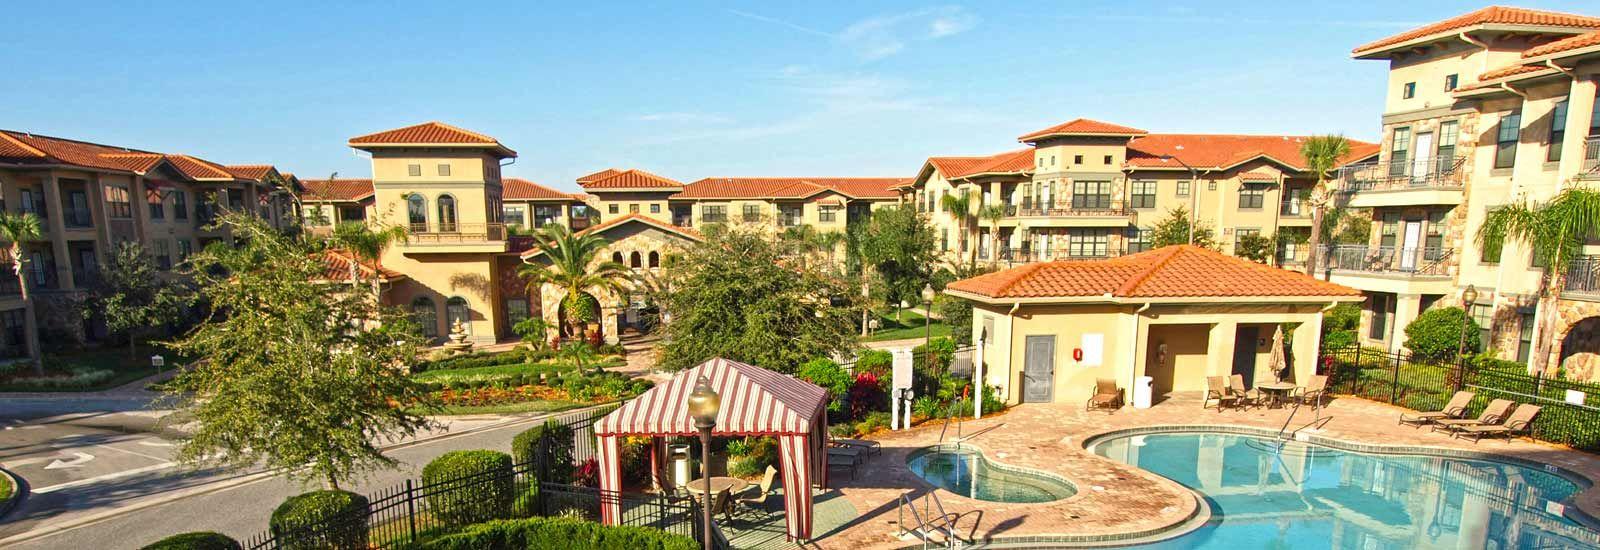 Bella Piazza Resort 1 800 699 6942 407 569 0988 Florida Vacation Vacation Family Friendly Vacation